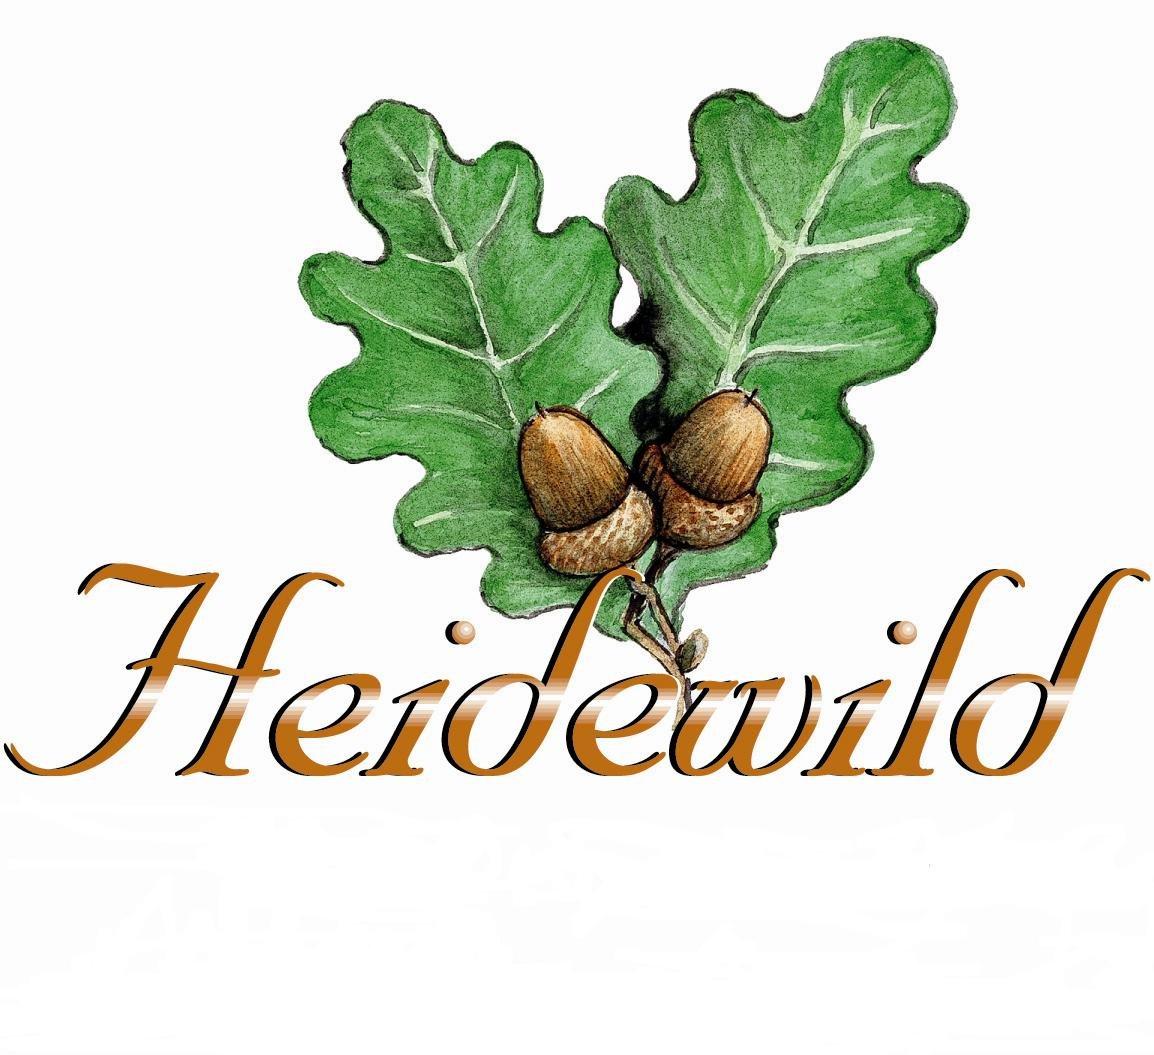 Heidewild - Wildspezialitäten aus der Lüneburger Heide